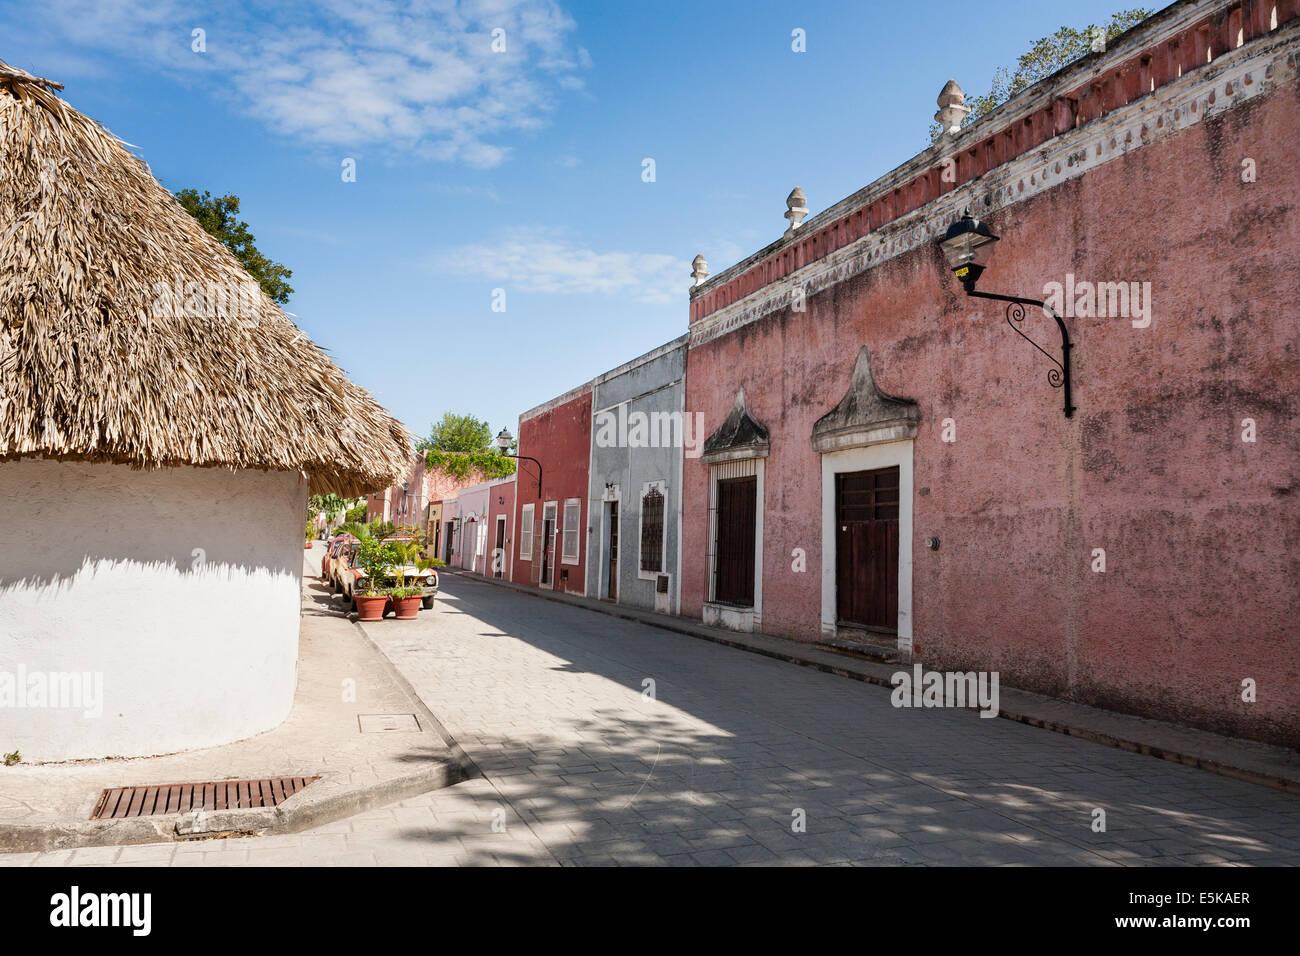 Calle tranquila de Valladolid. Una tranquila tarde de domingo en las calles adoquinadas cerca del Convento. Valladolid, Imagen De Stock